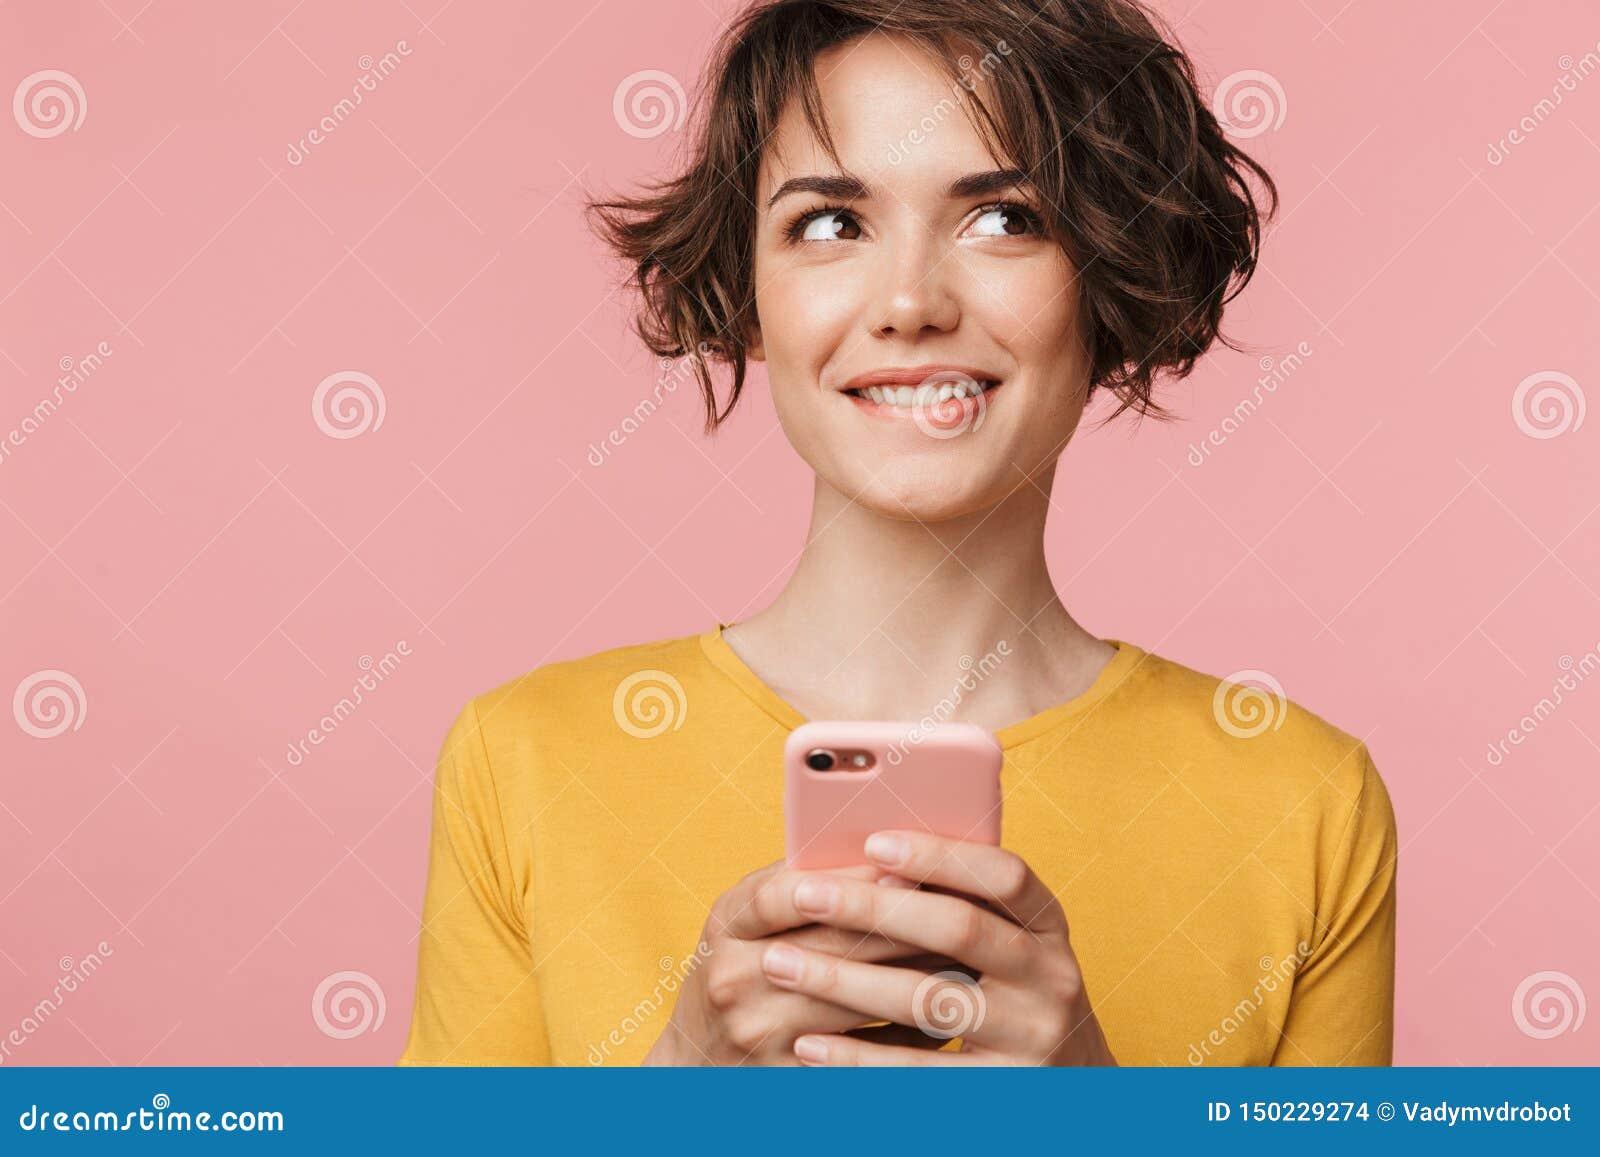 认为作年轻美女摆在被隔绝在桃红色墙壁背景使用手机